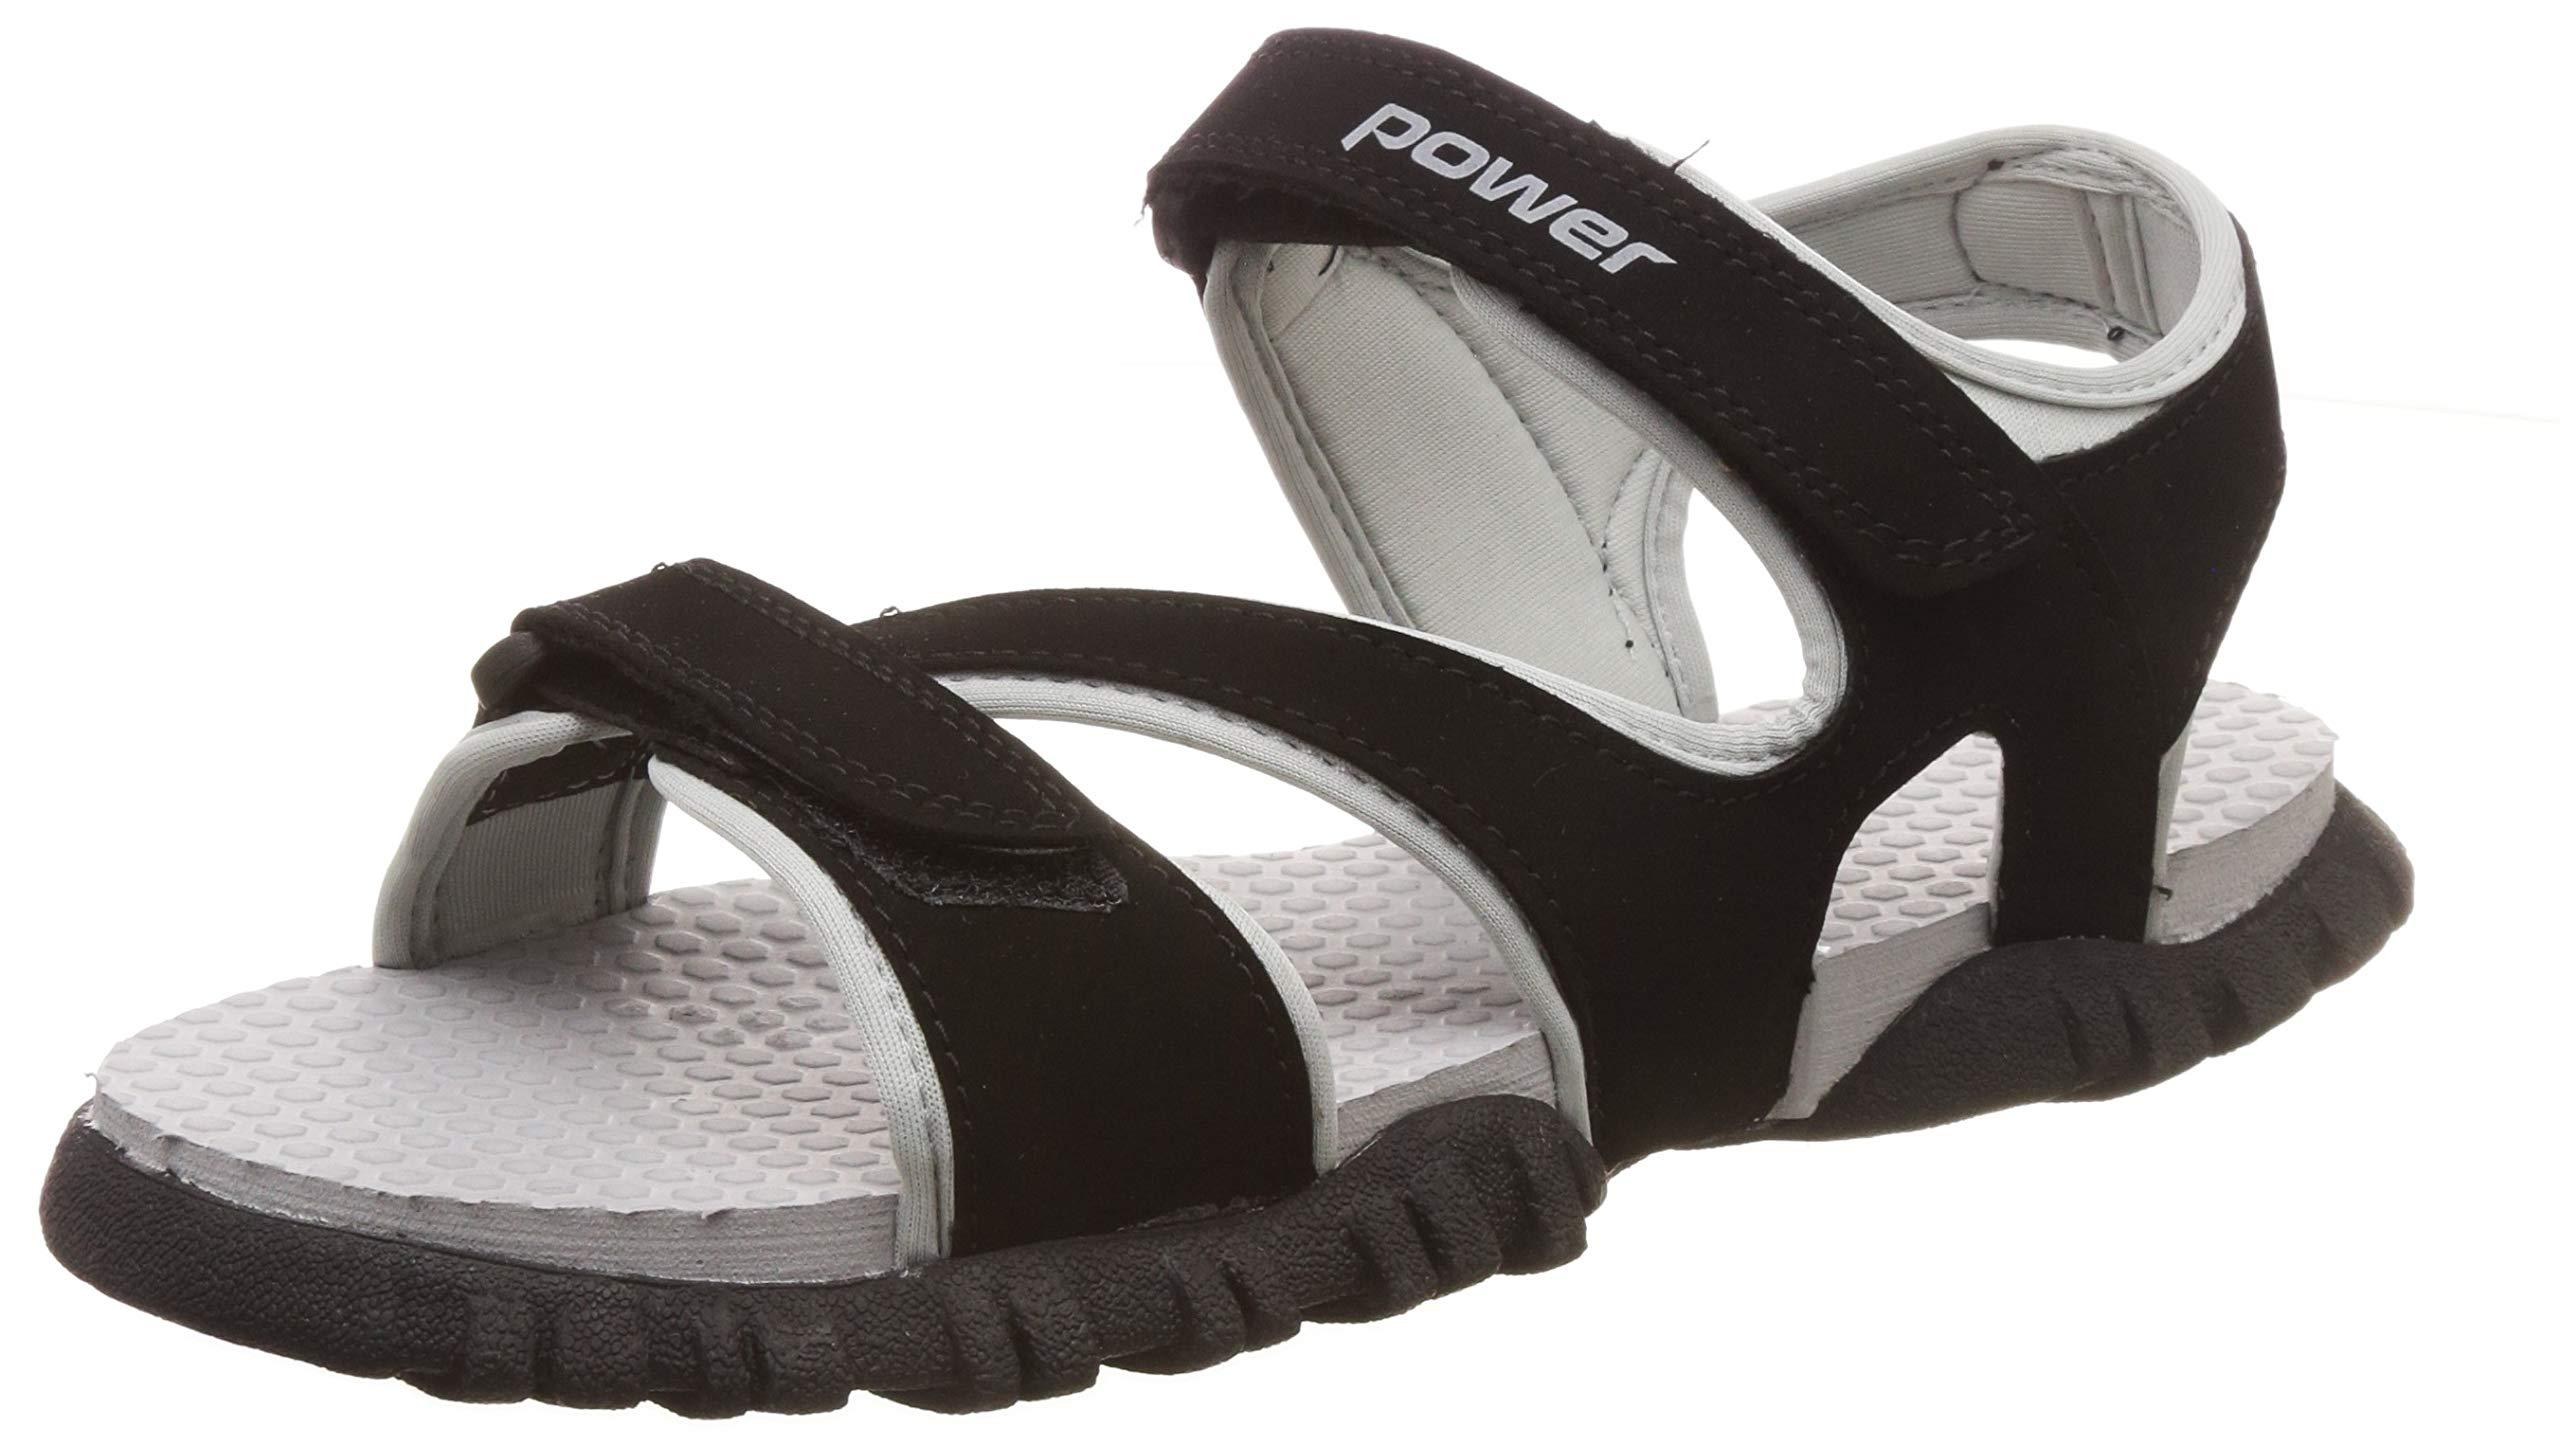 Power Men Fortress Beach Thong Sandals